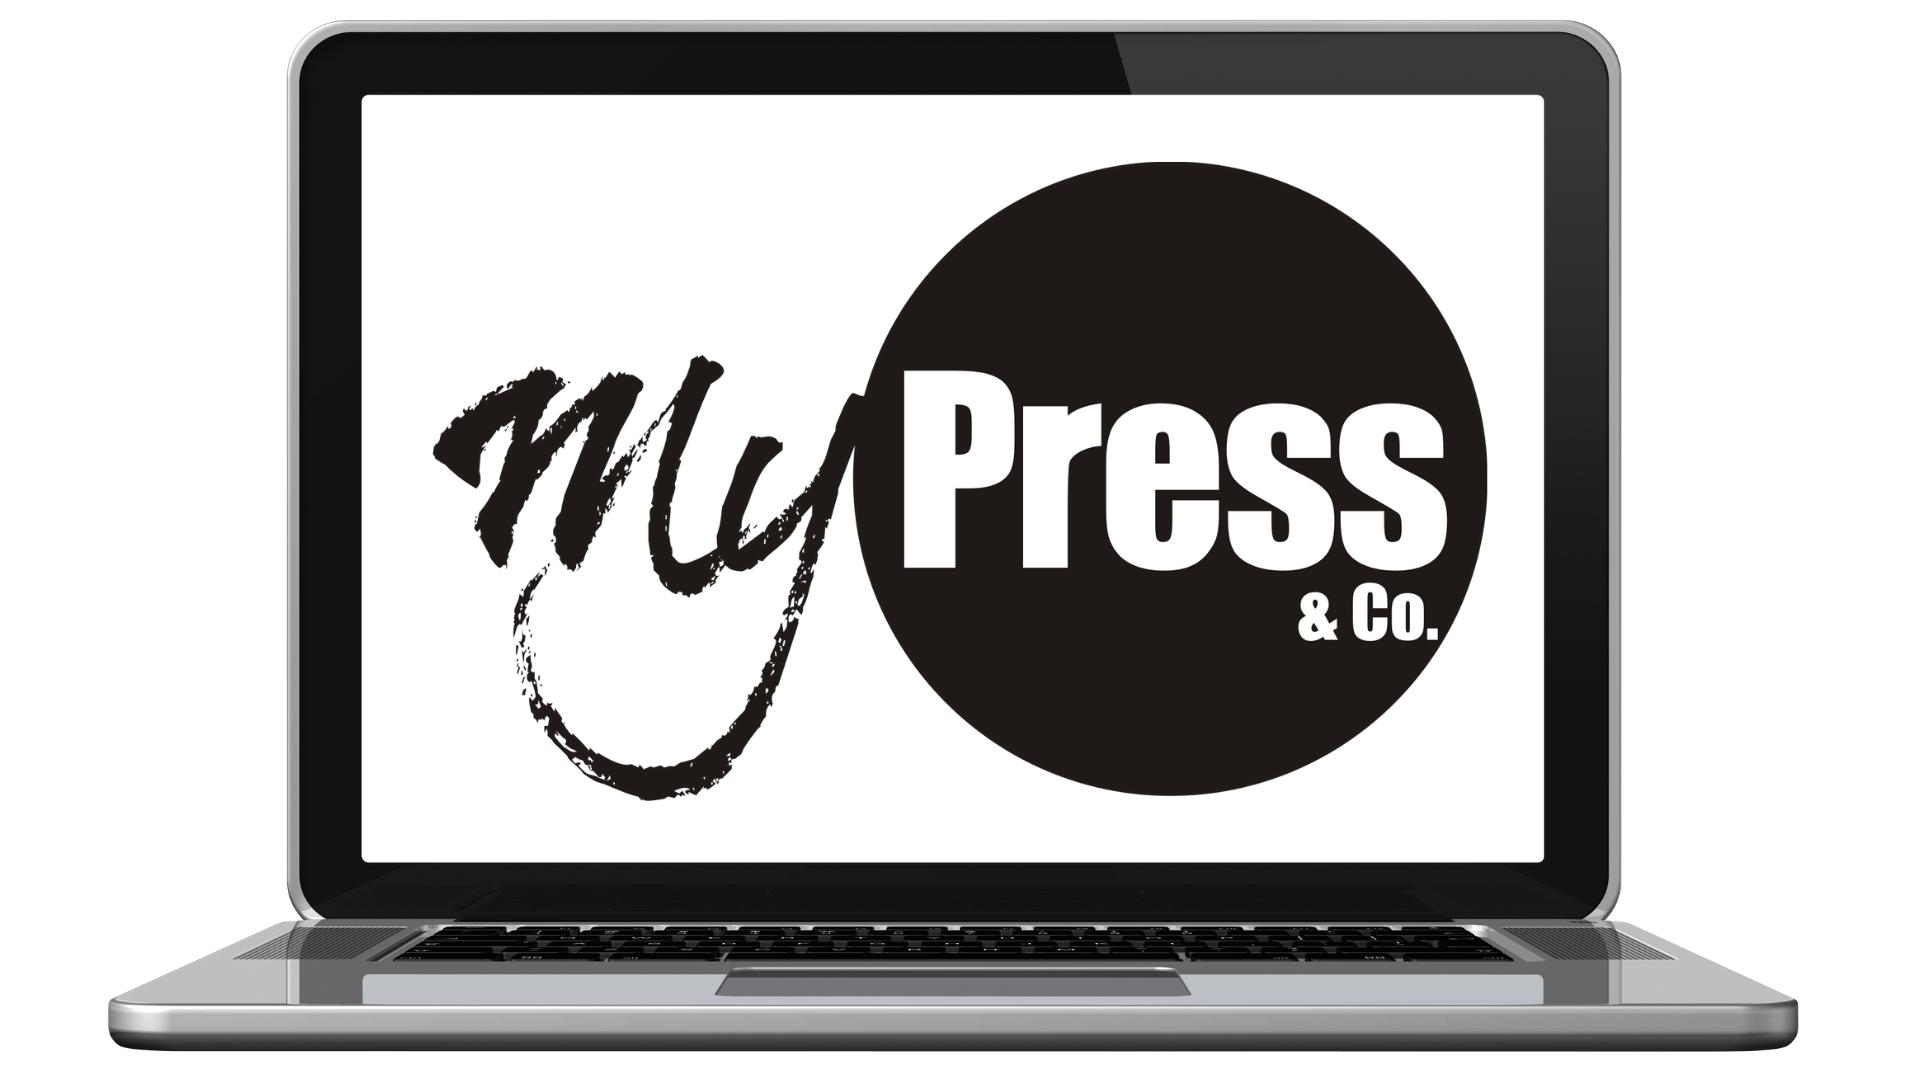 <b>Sobre a MyPress & Co.</b>